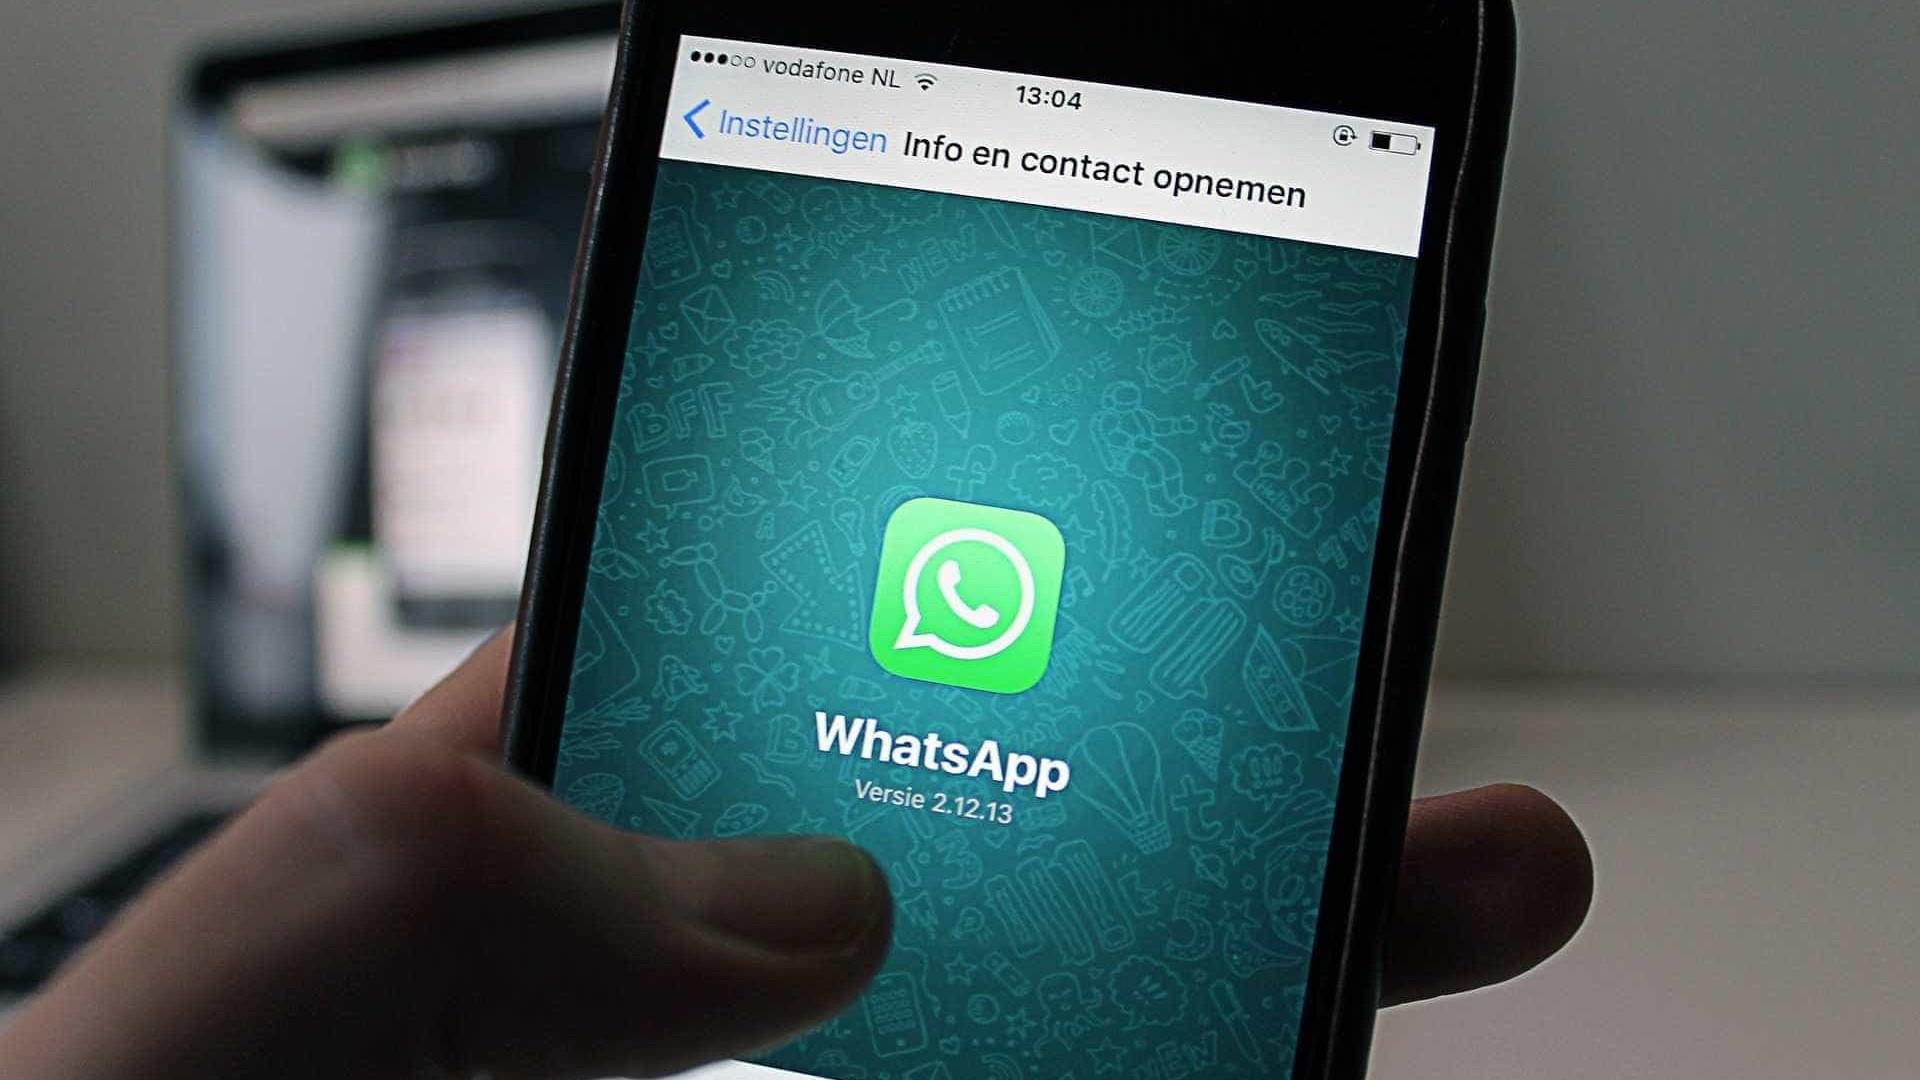 Arquivos com vírus podem circular pelo WhatsApp; saiba como se proteger